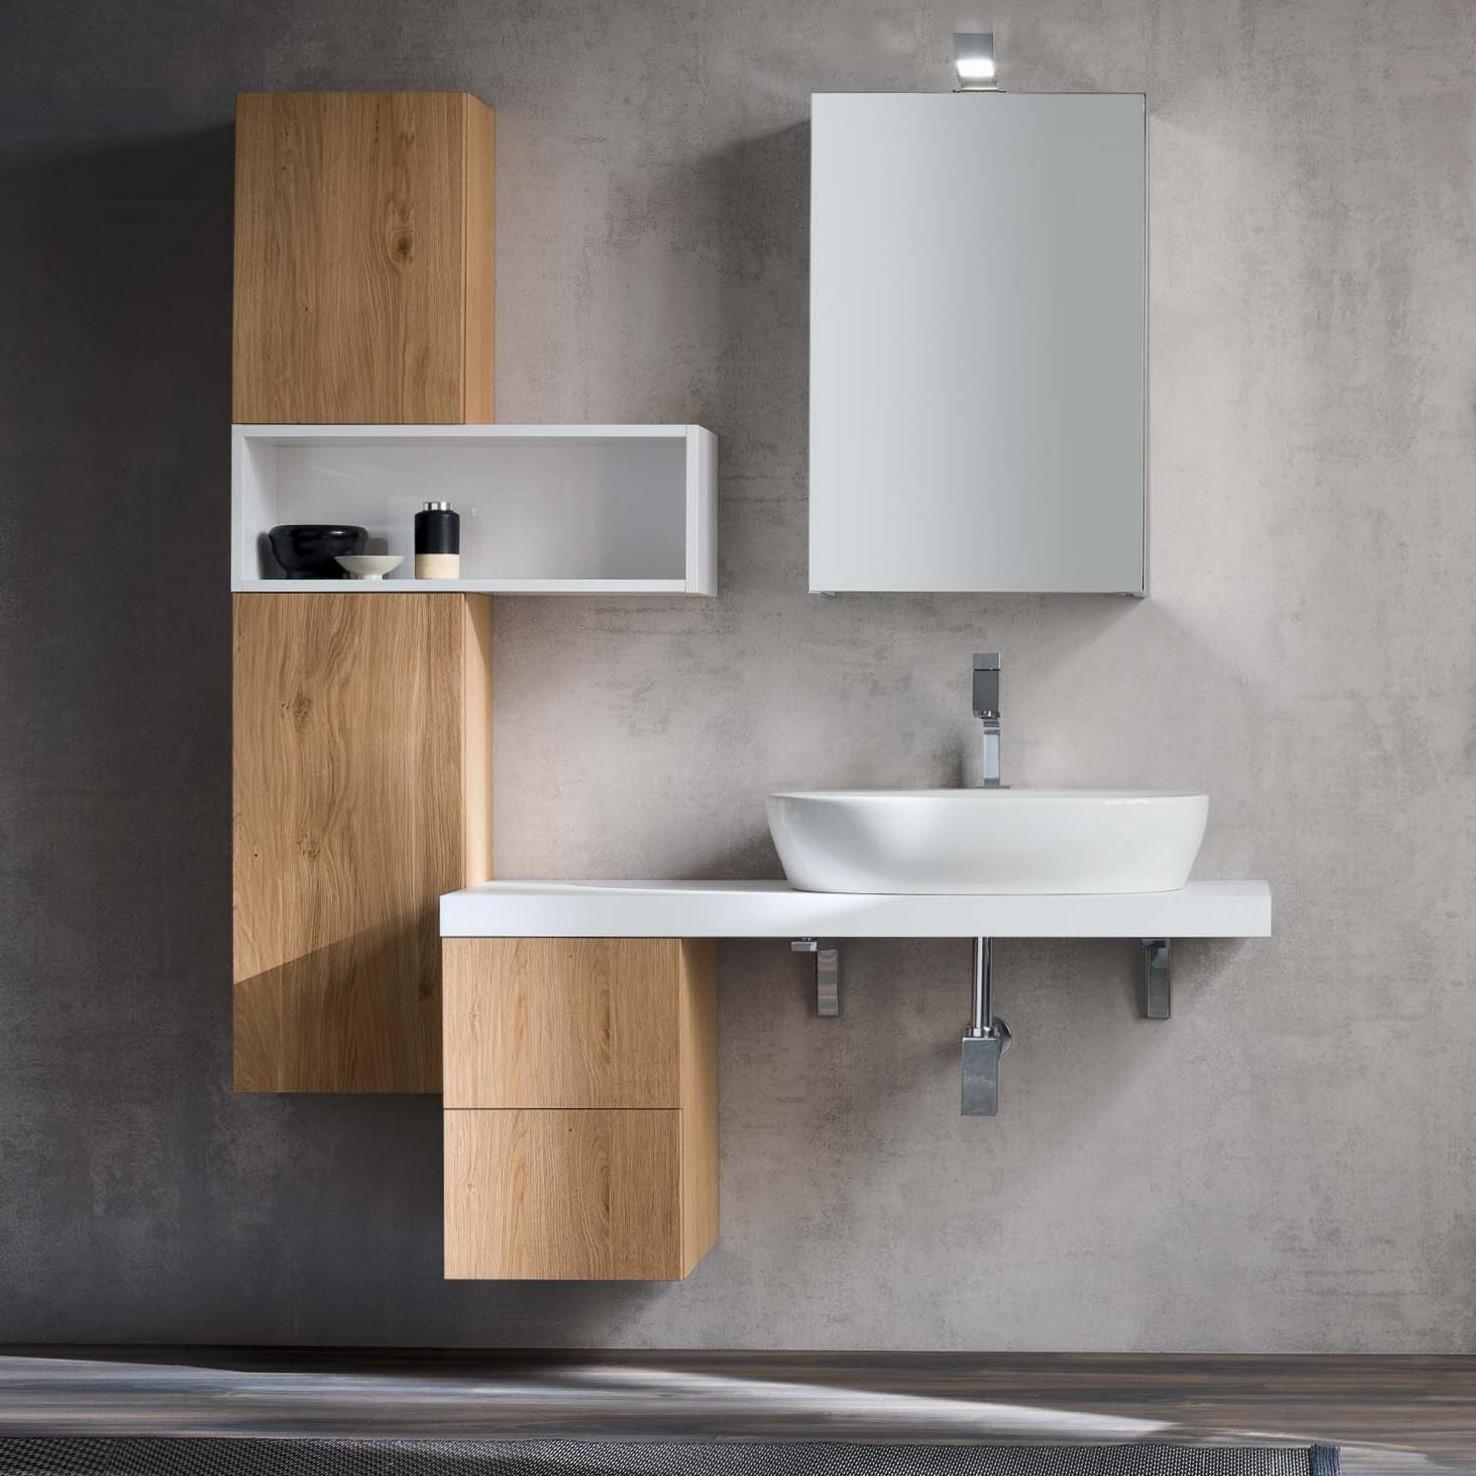 Mobile Bagno Moderno: Una Mensola Per Il Lavabo | Di Marco Sas Vendita Di  Pavimenti Rivestimenti E Arredo Bago